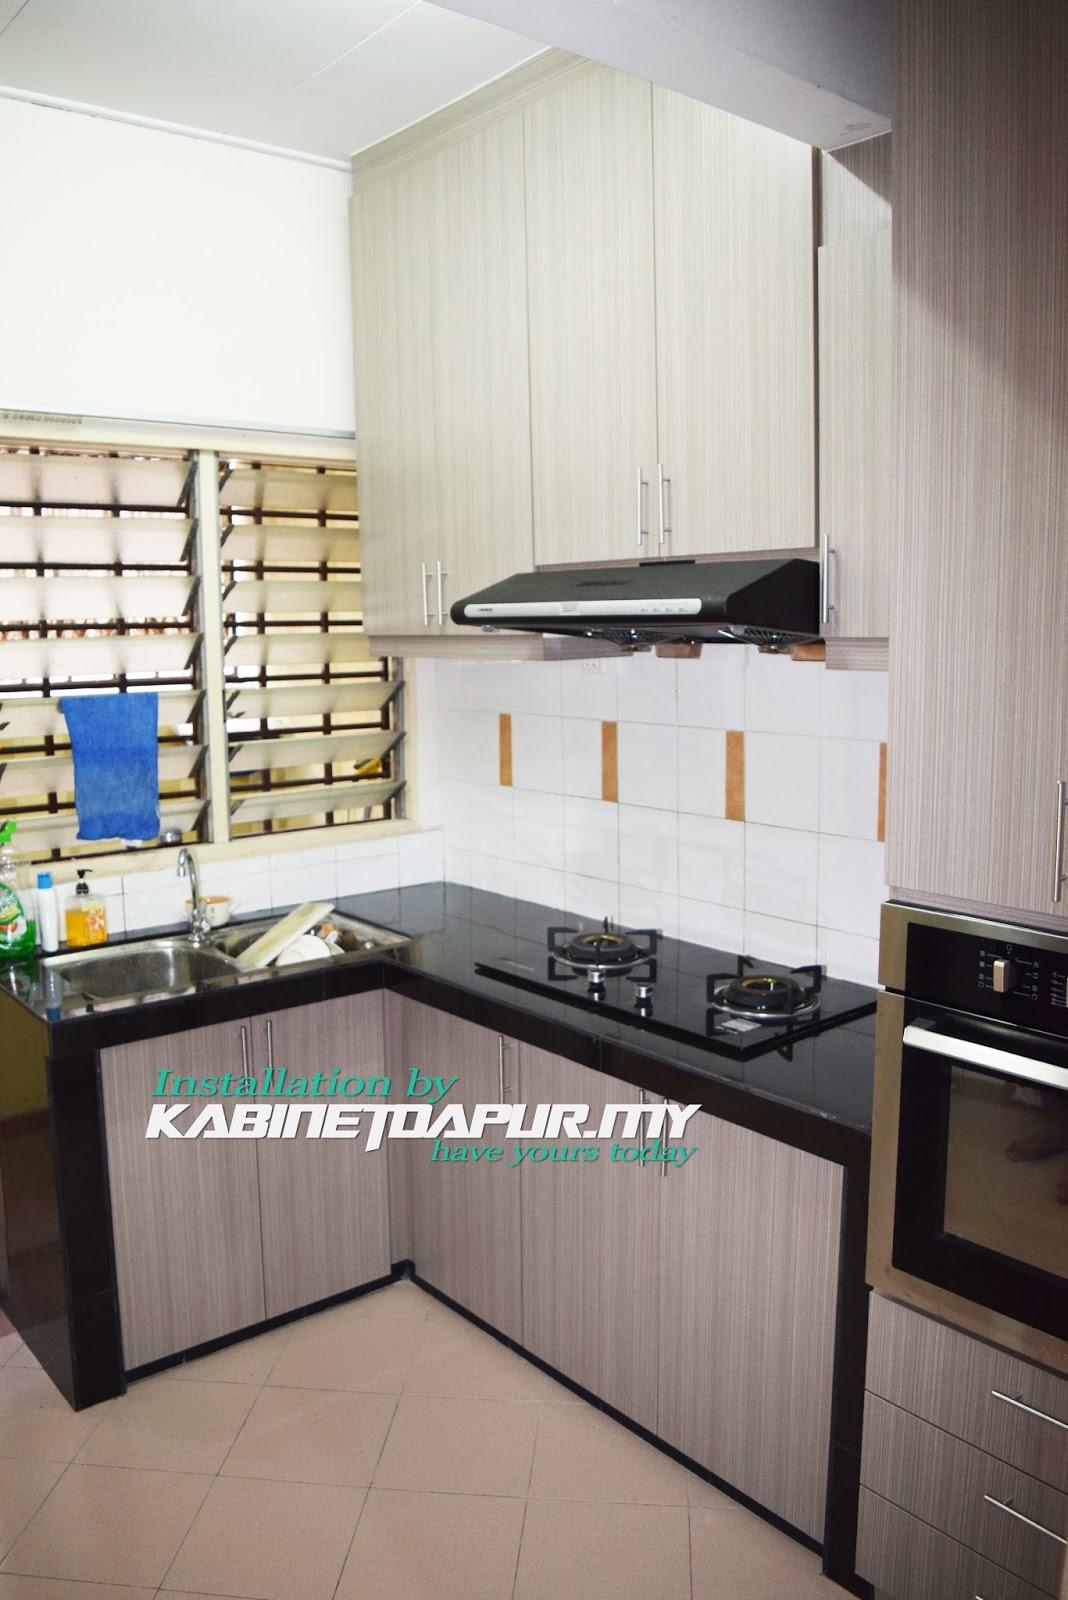 Kabinet Dapur Klang Desainrumahid